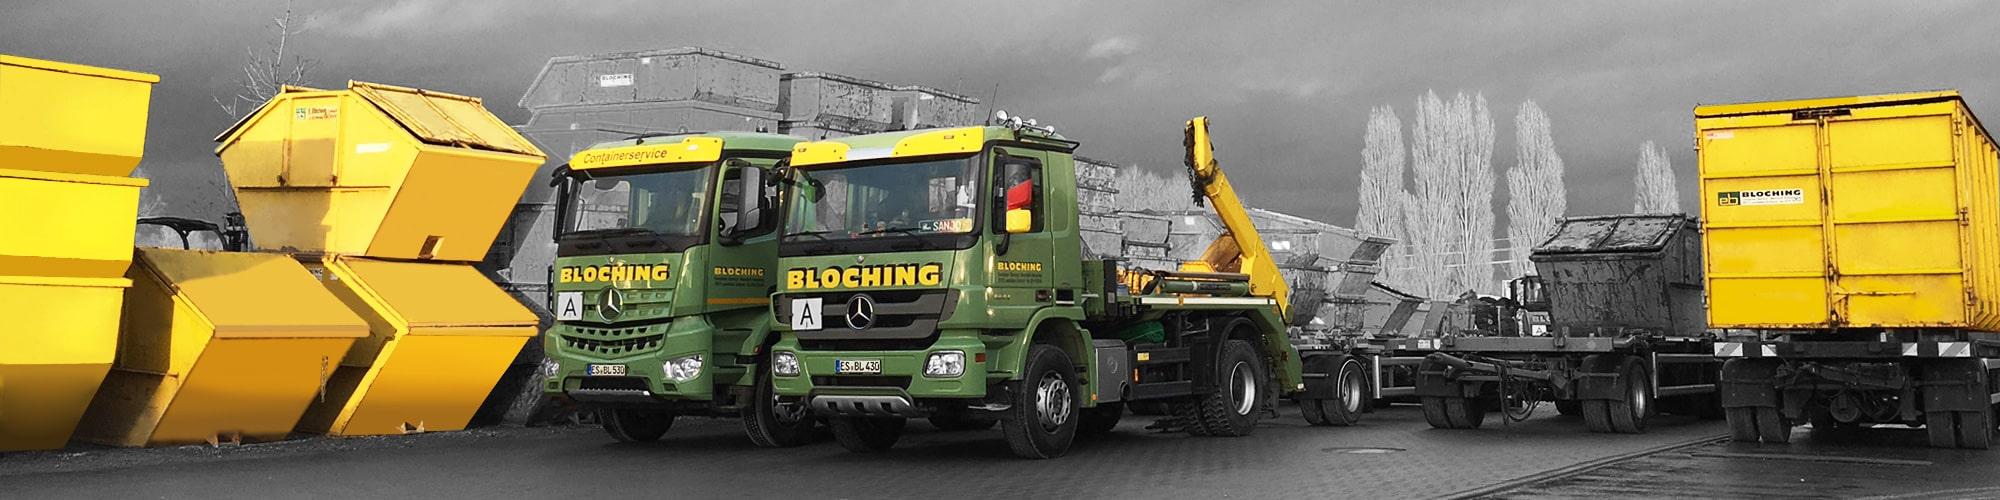 Container mieten - Containerfahrzeuge von Bloching